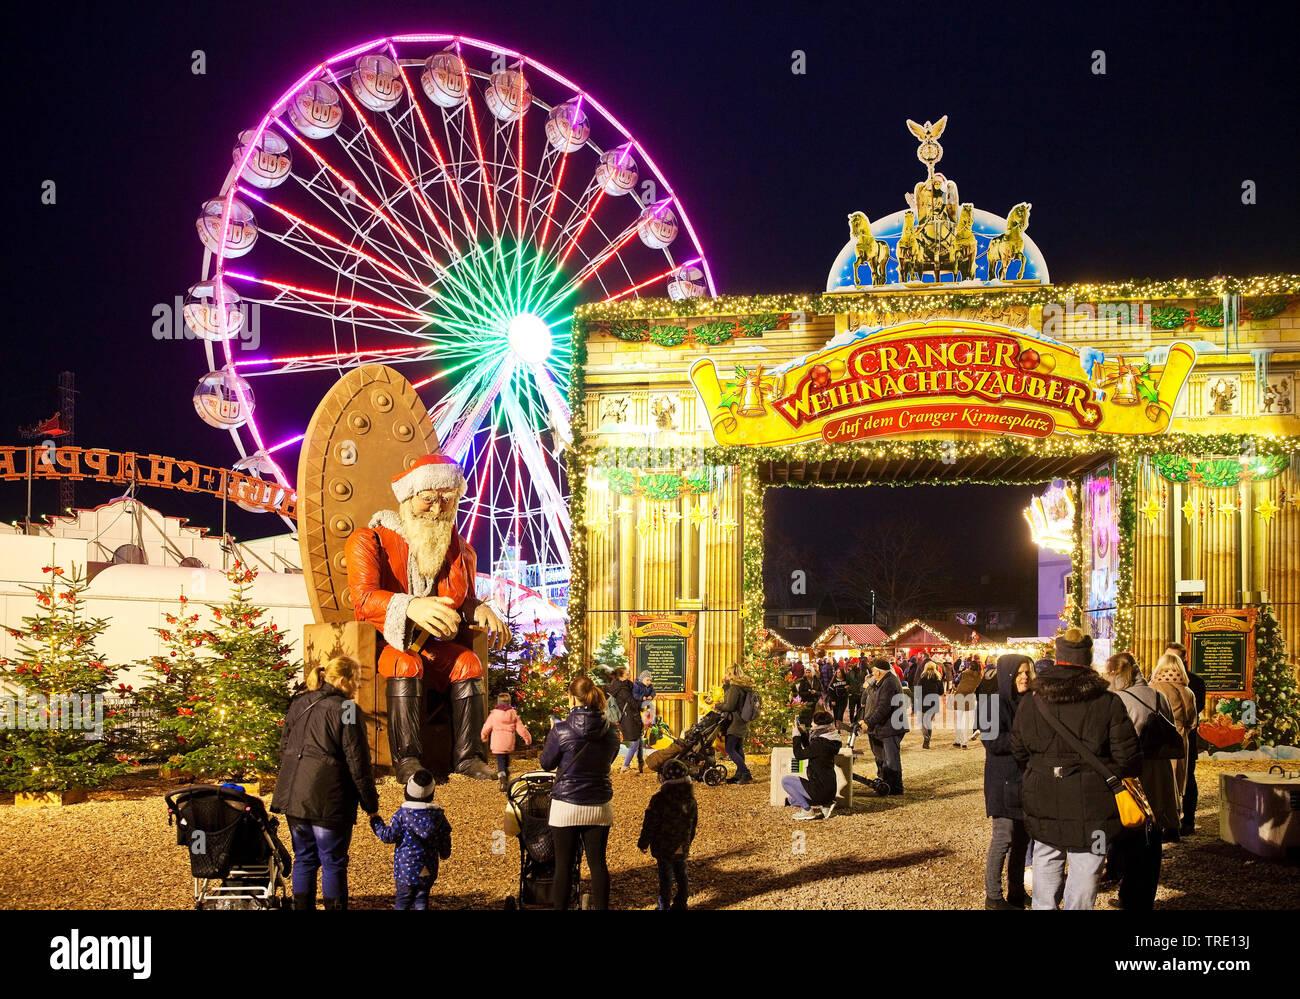 Cranger Weihnachtszauber, Deutschland, Nordrhein-Westfalen, Ruhrgebiet, Herne | Christmas kermis Crange, Germany, North Rhine-Westphalia, Ruhr Area, H - Stock Image